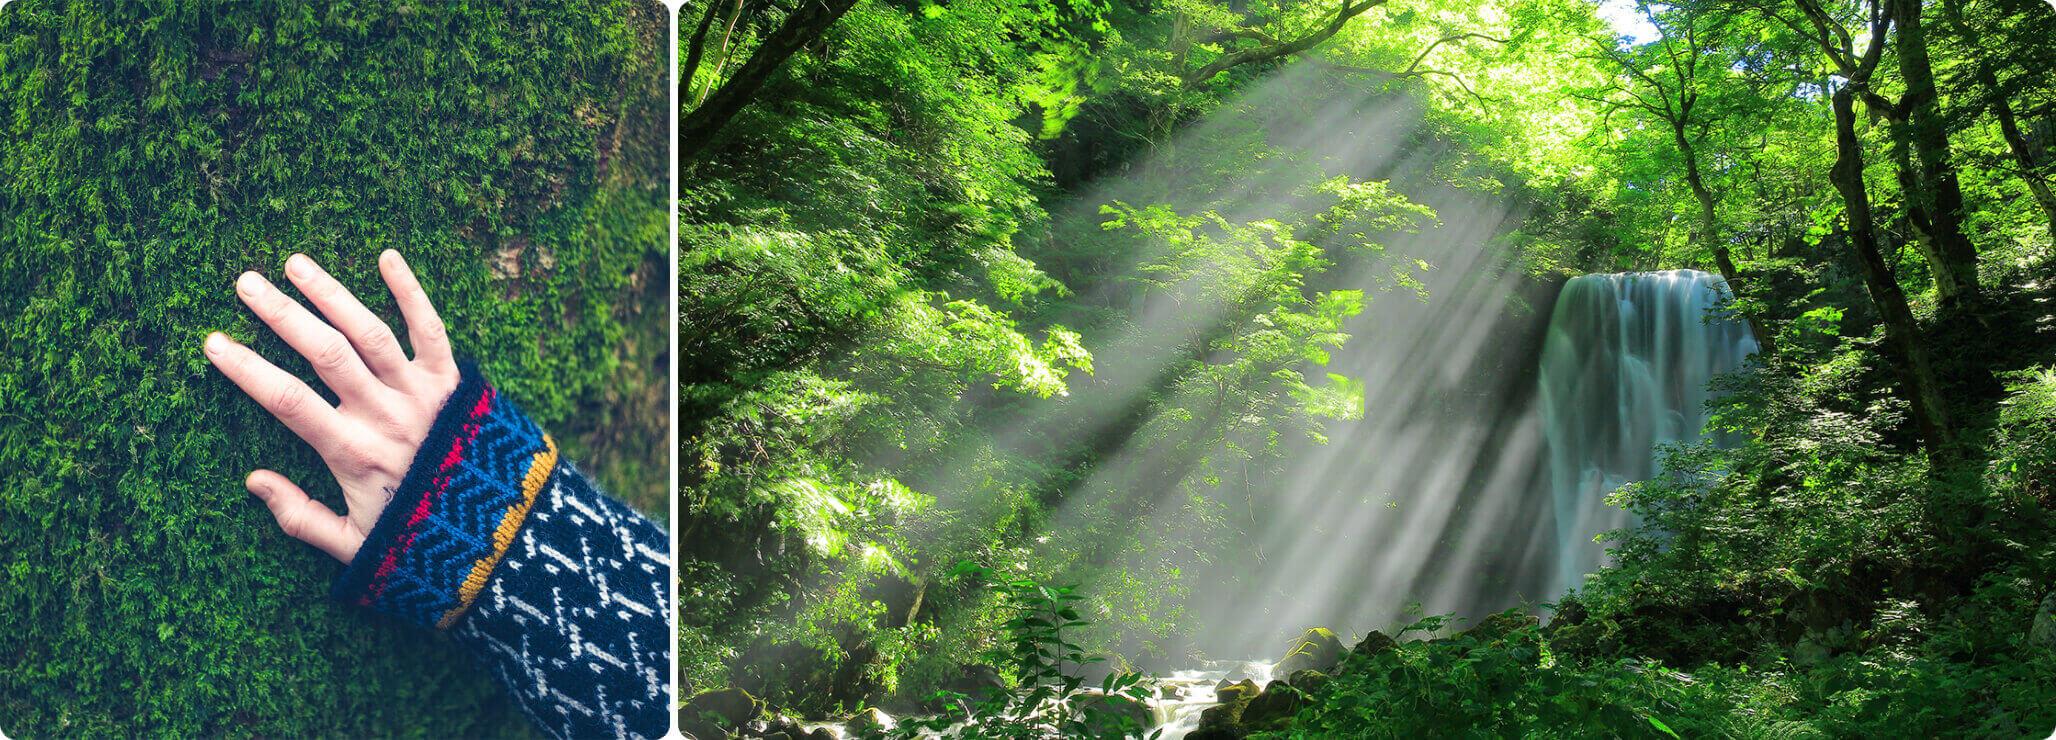 人と自然のつながりを感じる風景